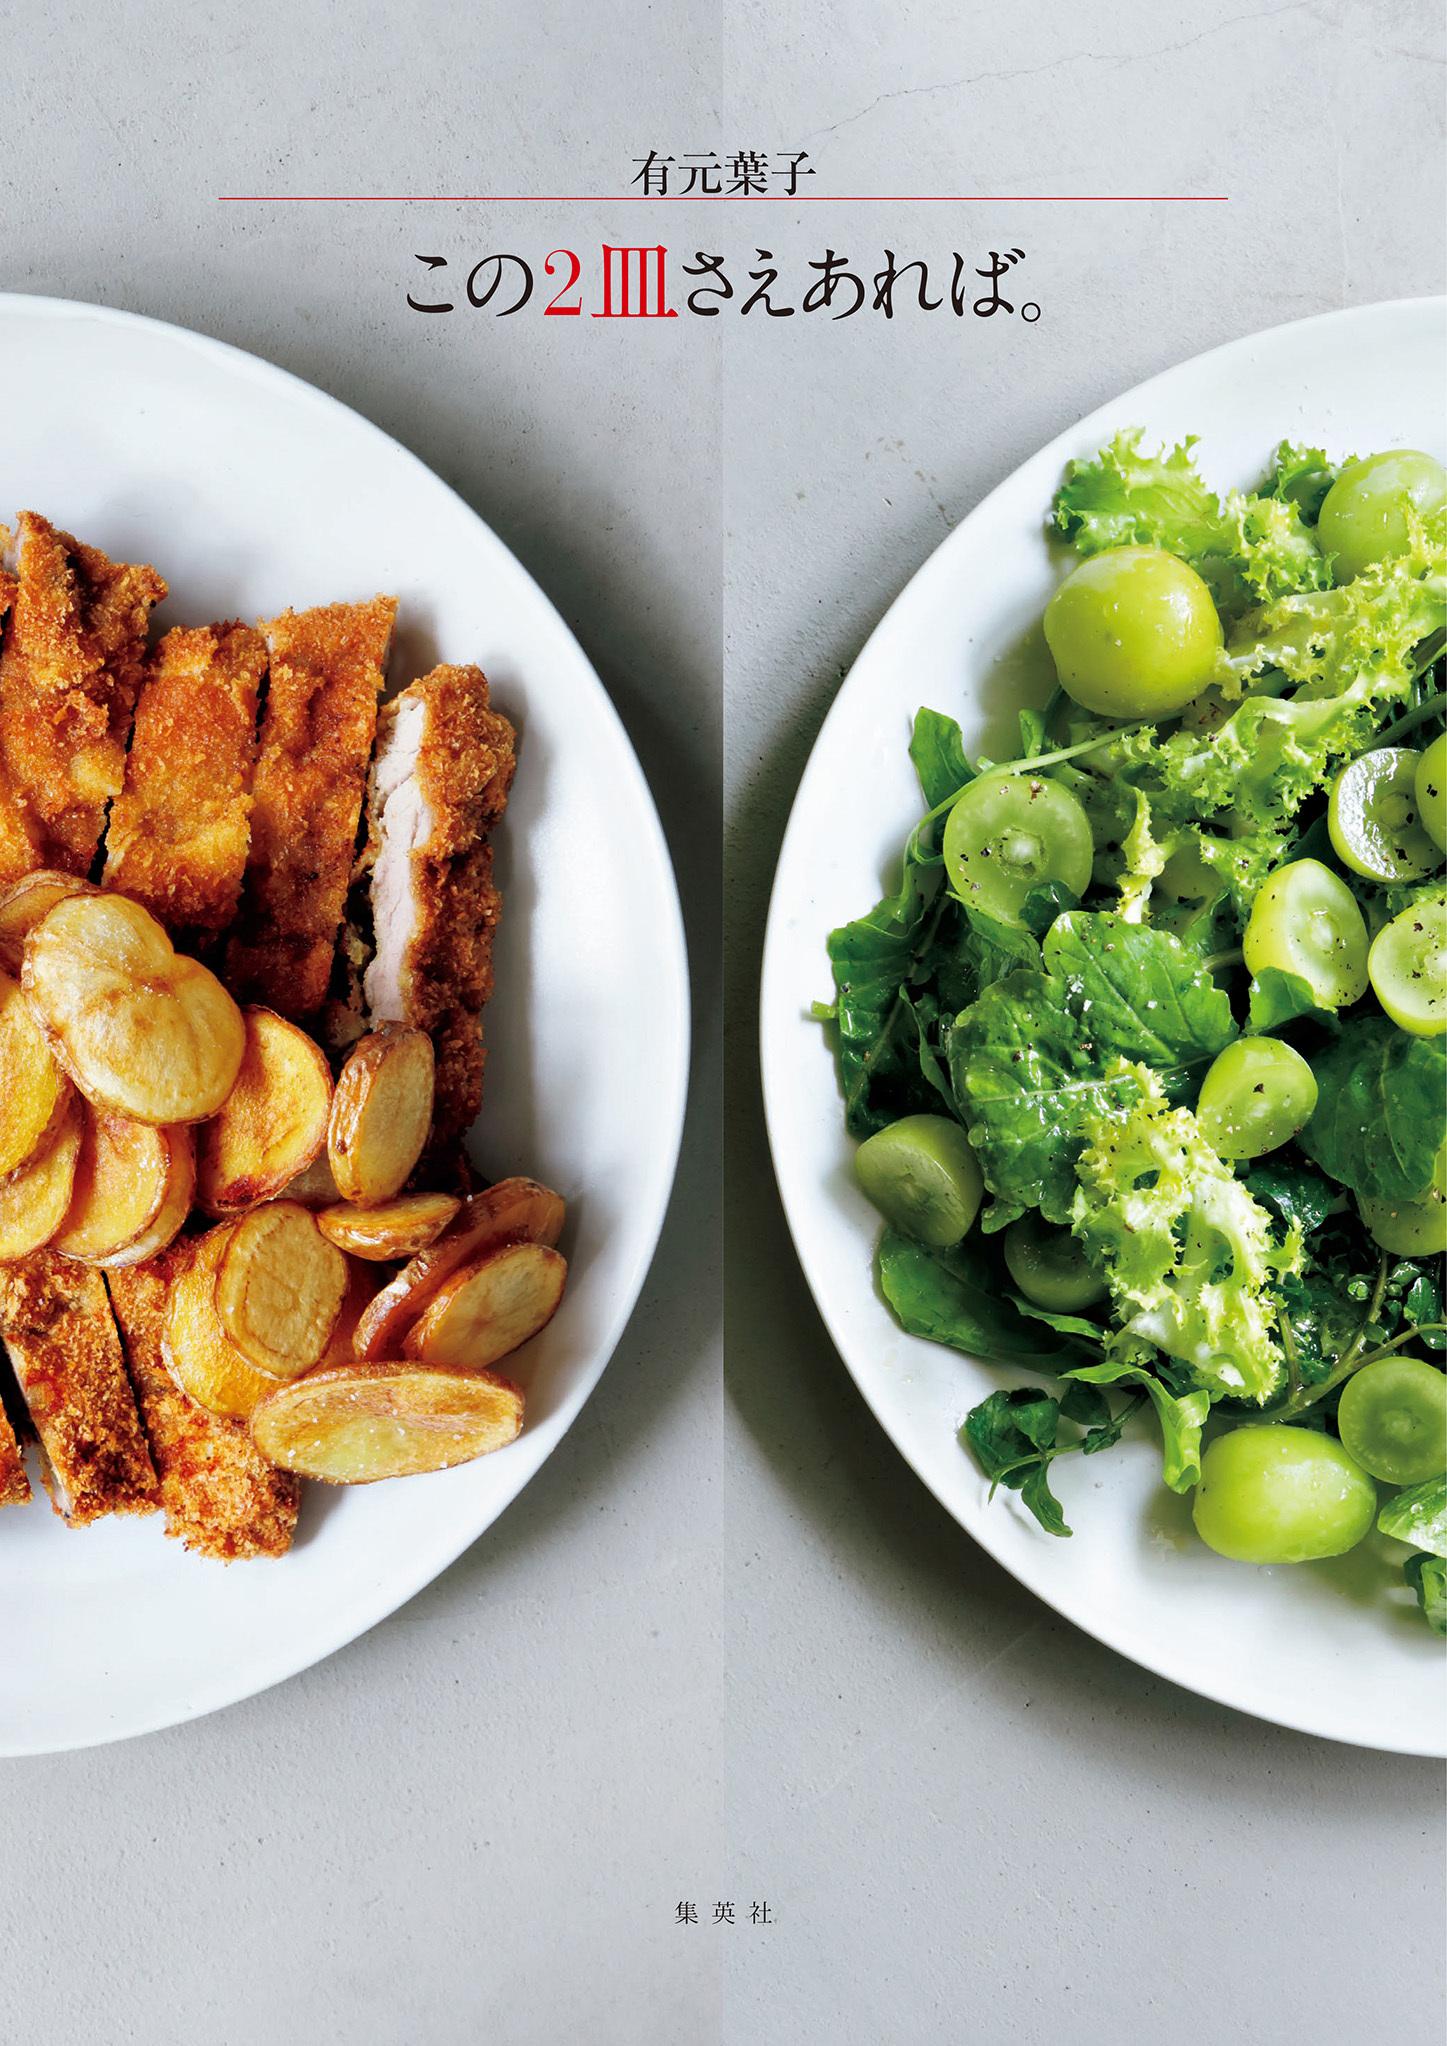 年末年始のおもてなしに役立つ1冊 有元葉子「この2皿さえあれば。」_1_5